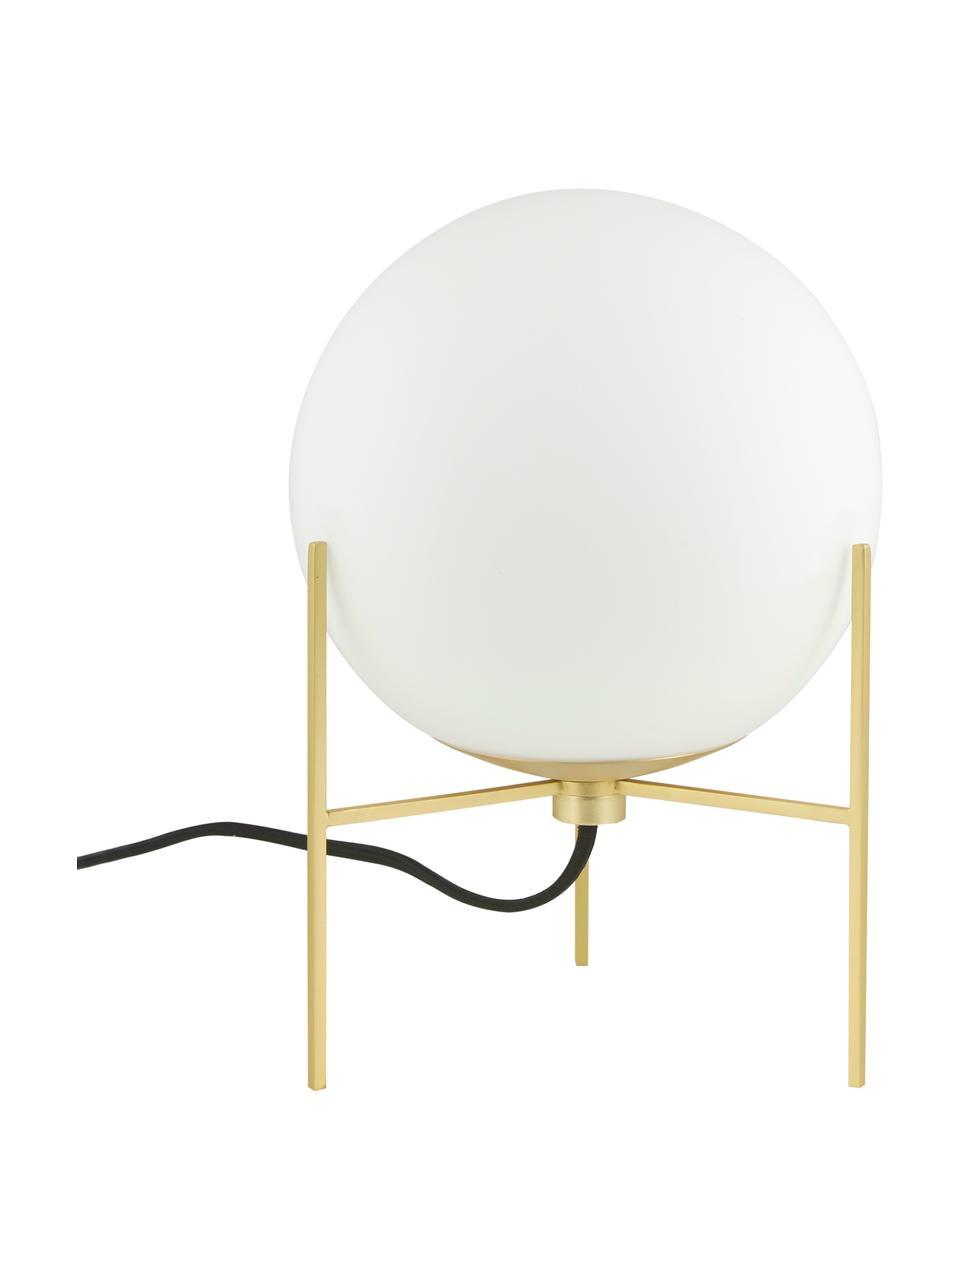 Kleine Tischlampe Alton aus Opalglas, Lampenfuß: Messing, Lampenschirm: Opalglas, Messing, Weiß, Ø 20 x H 29 cm